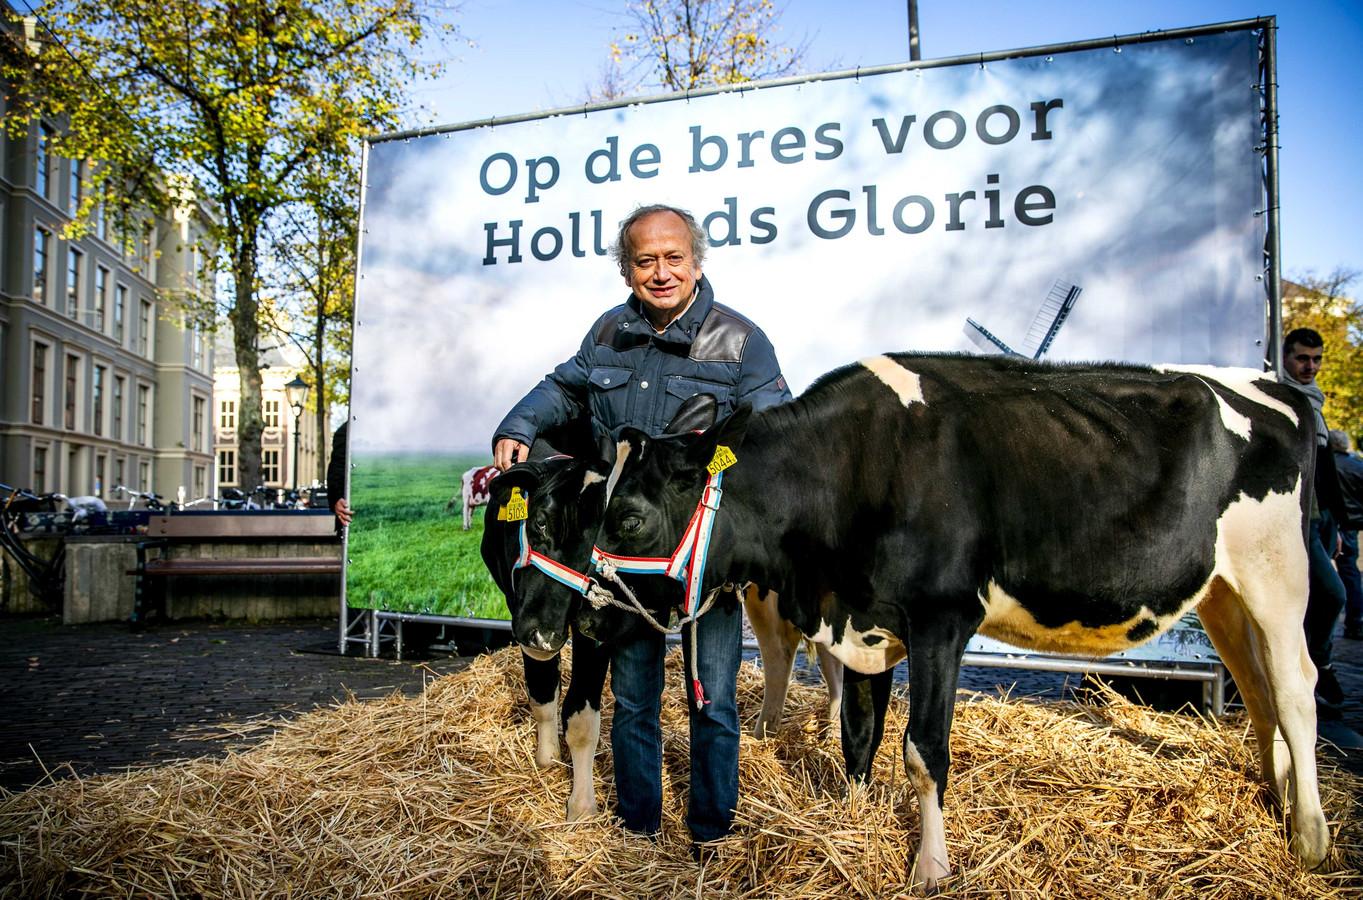 Ex-staatssecretaris van Economische Zaken en Landbouw Henk Bleker in 2018 op het Plein voor de Tweede Kamer. Daar demonstreerde hij tegen het beleid van zijn opvolger Carola Schouten.